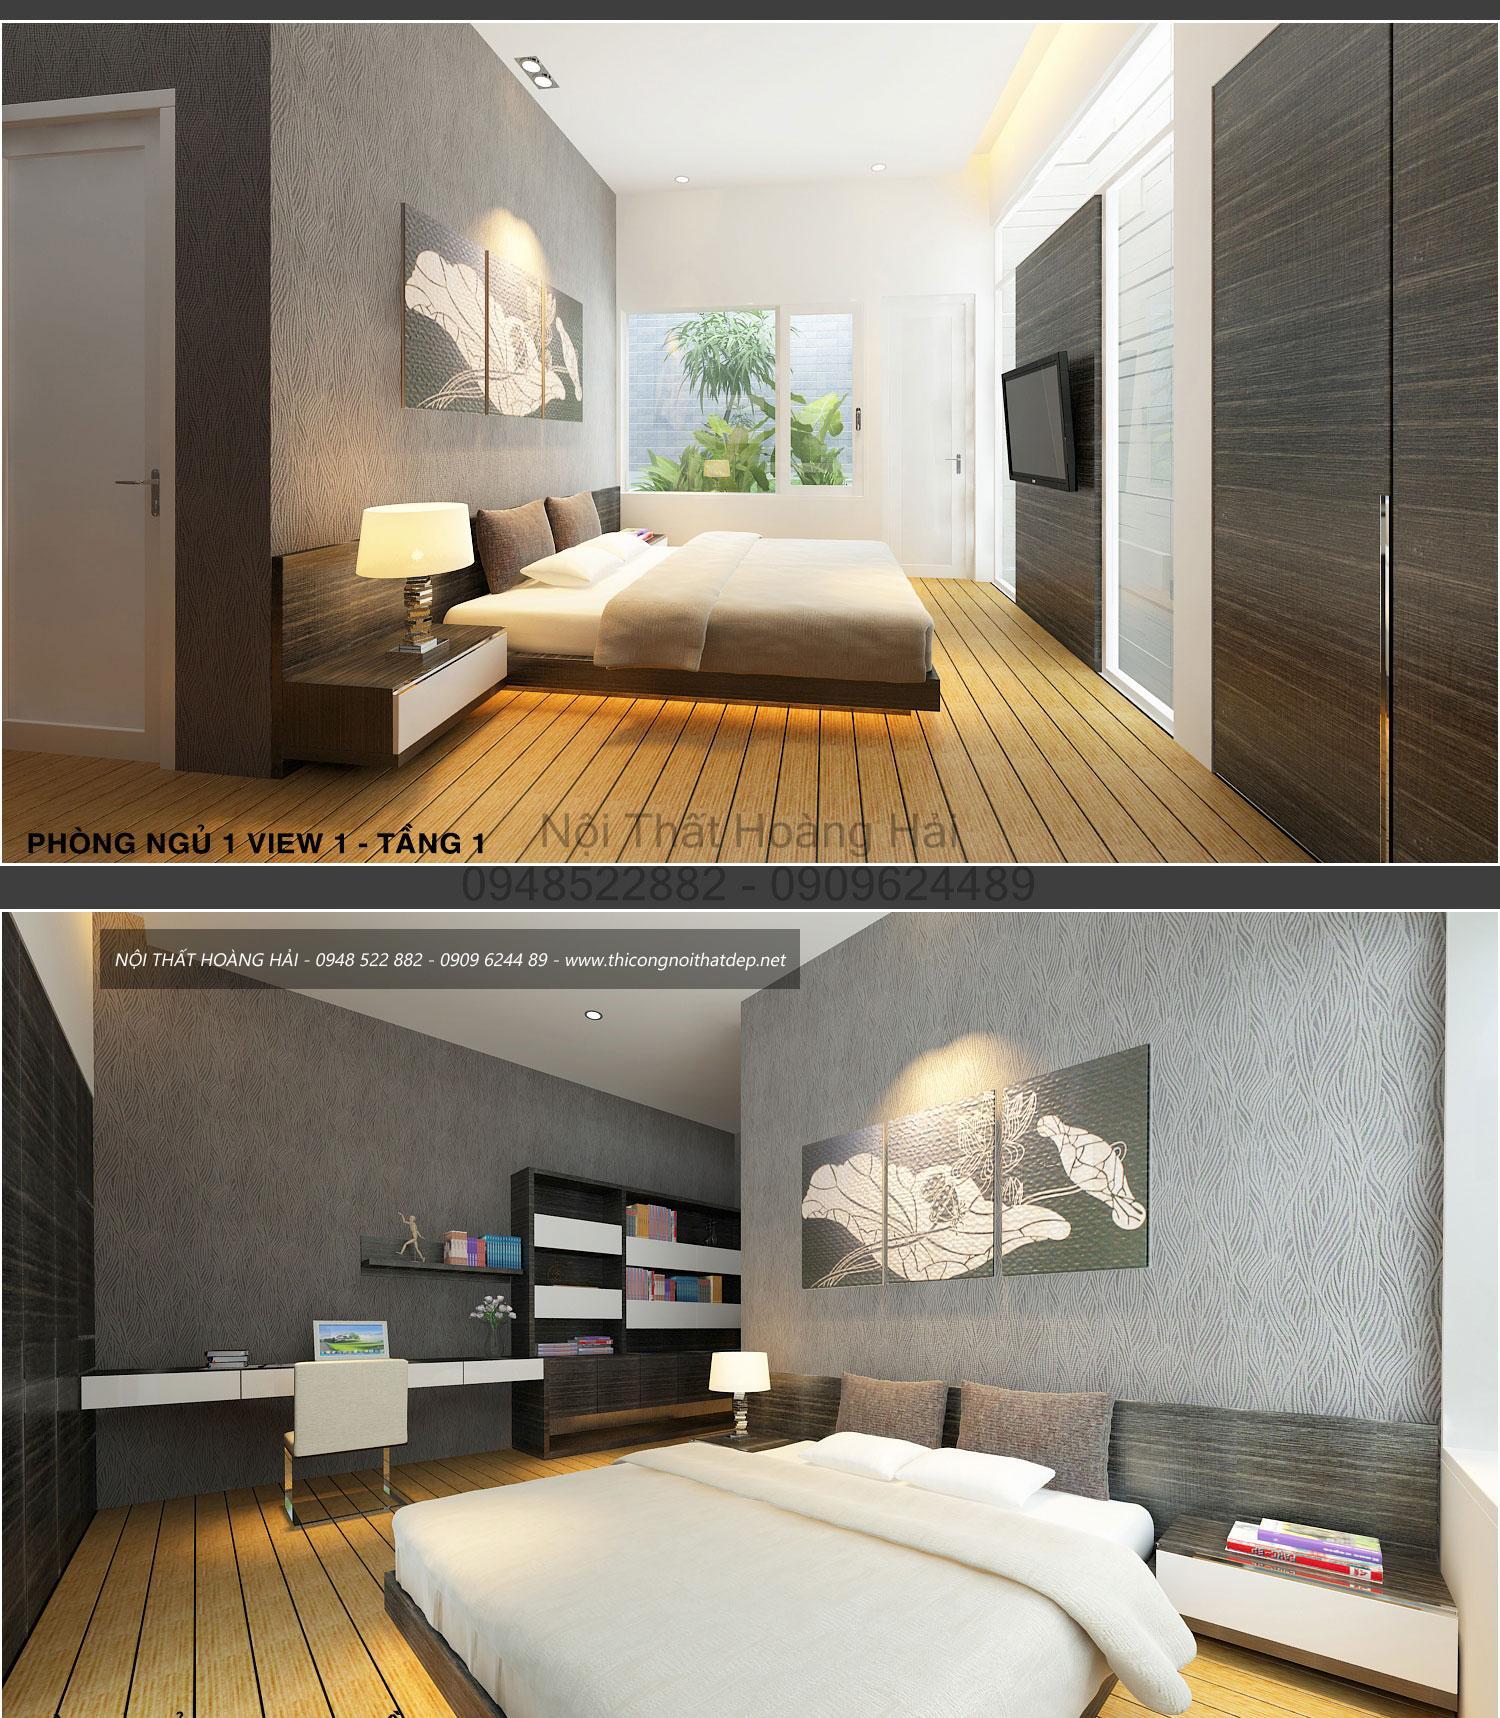 nội thất phòng ngủ nhà anh Bình 1